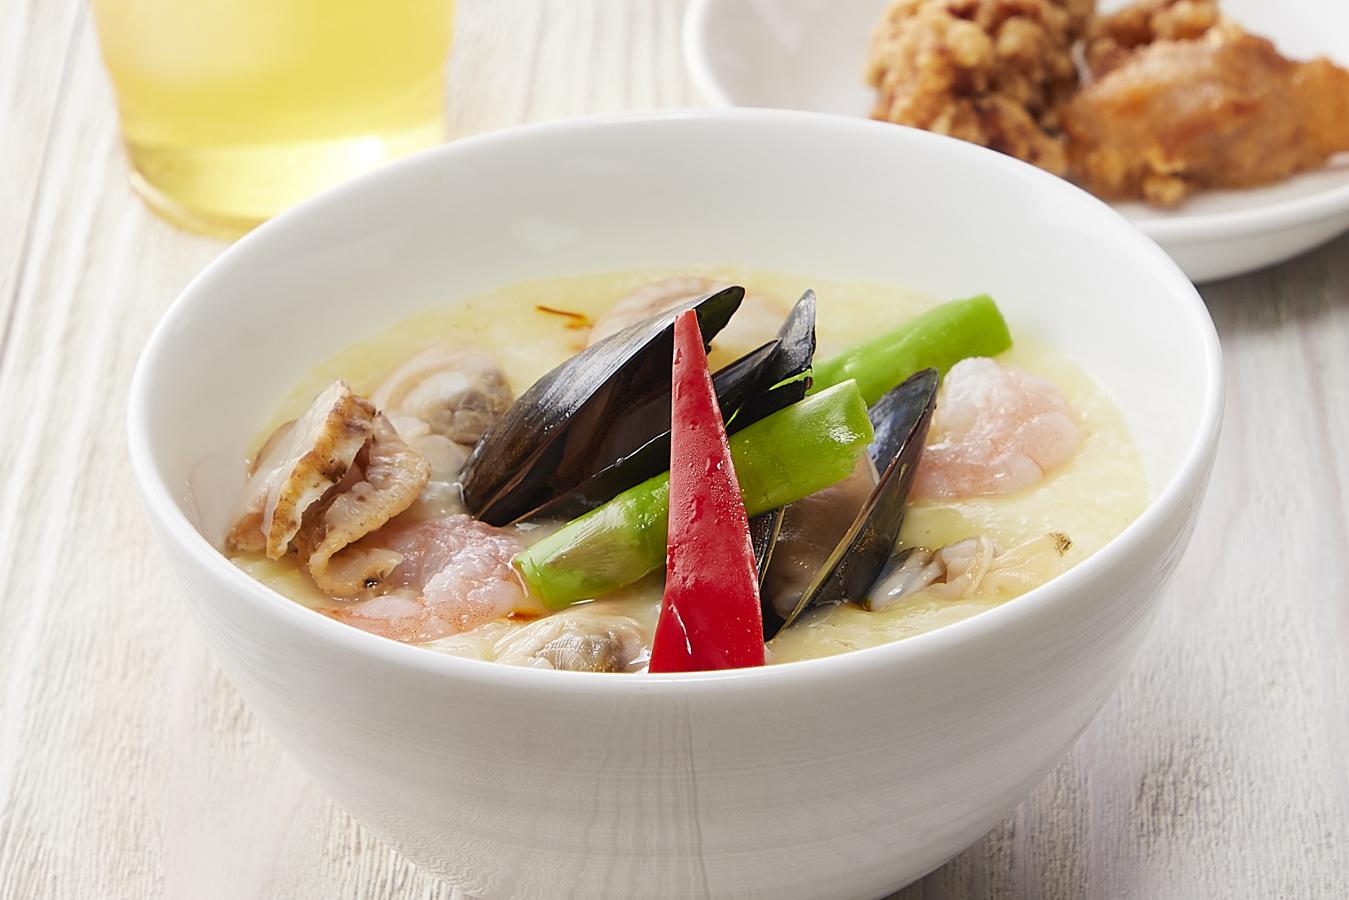 季節のおすすめメニュー「海鮮サフラン粥」が4月より販売開始!